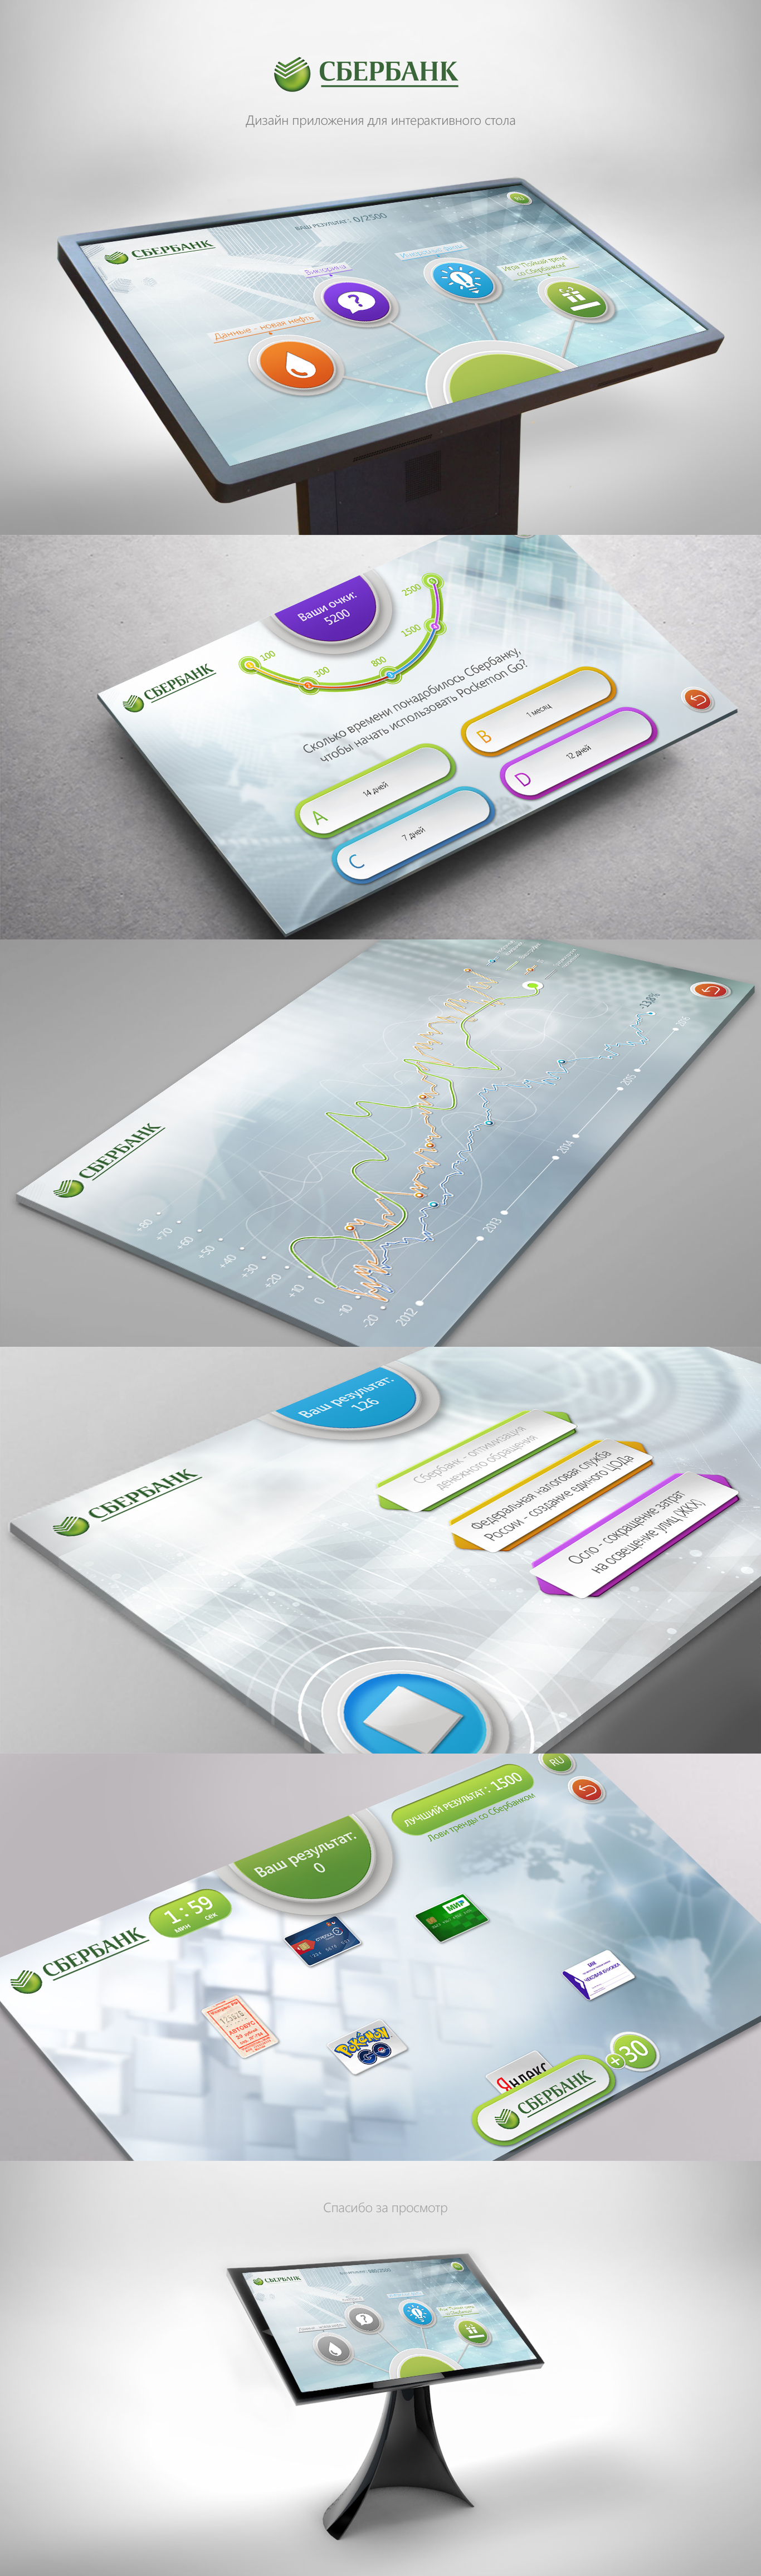 Дизайн приложения для интерактивного стола. Сбербанк